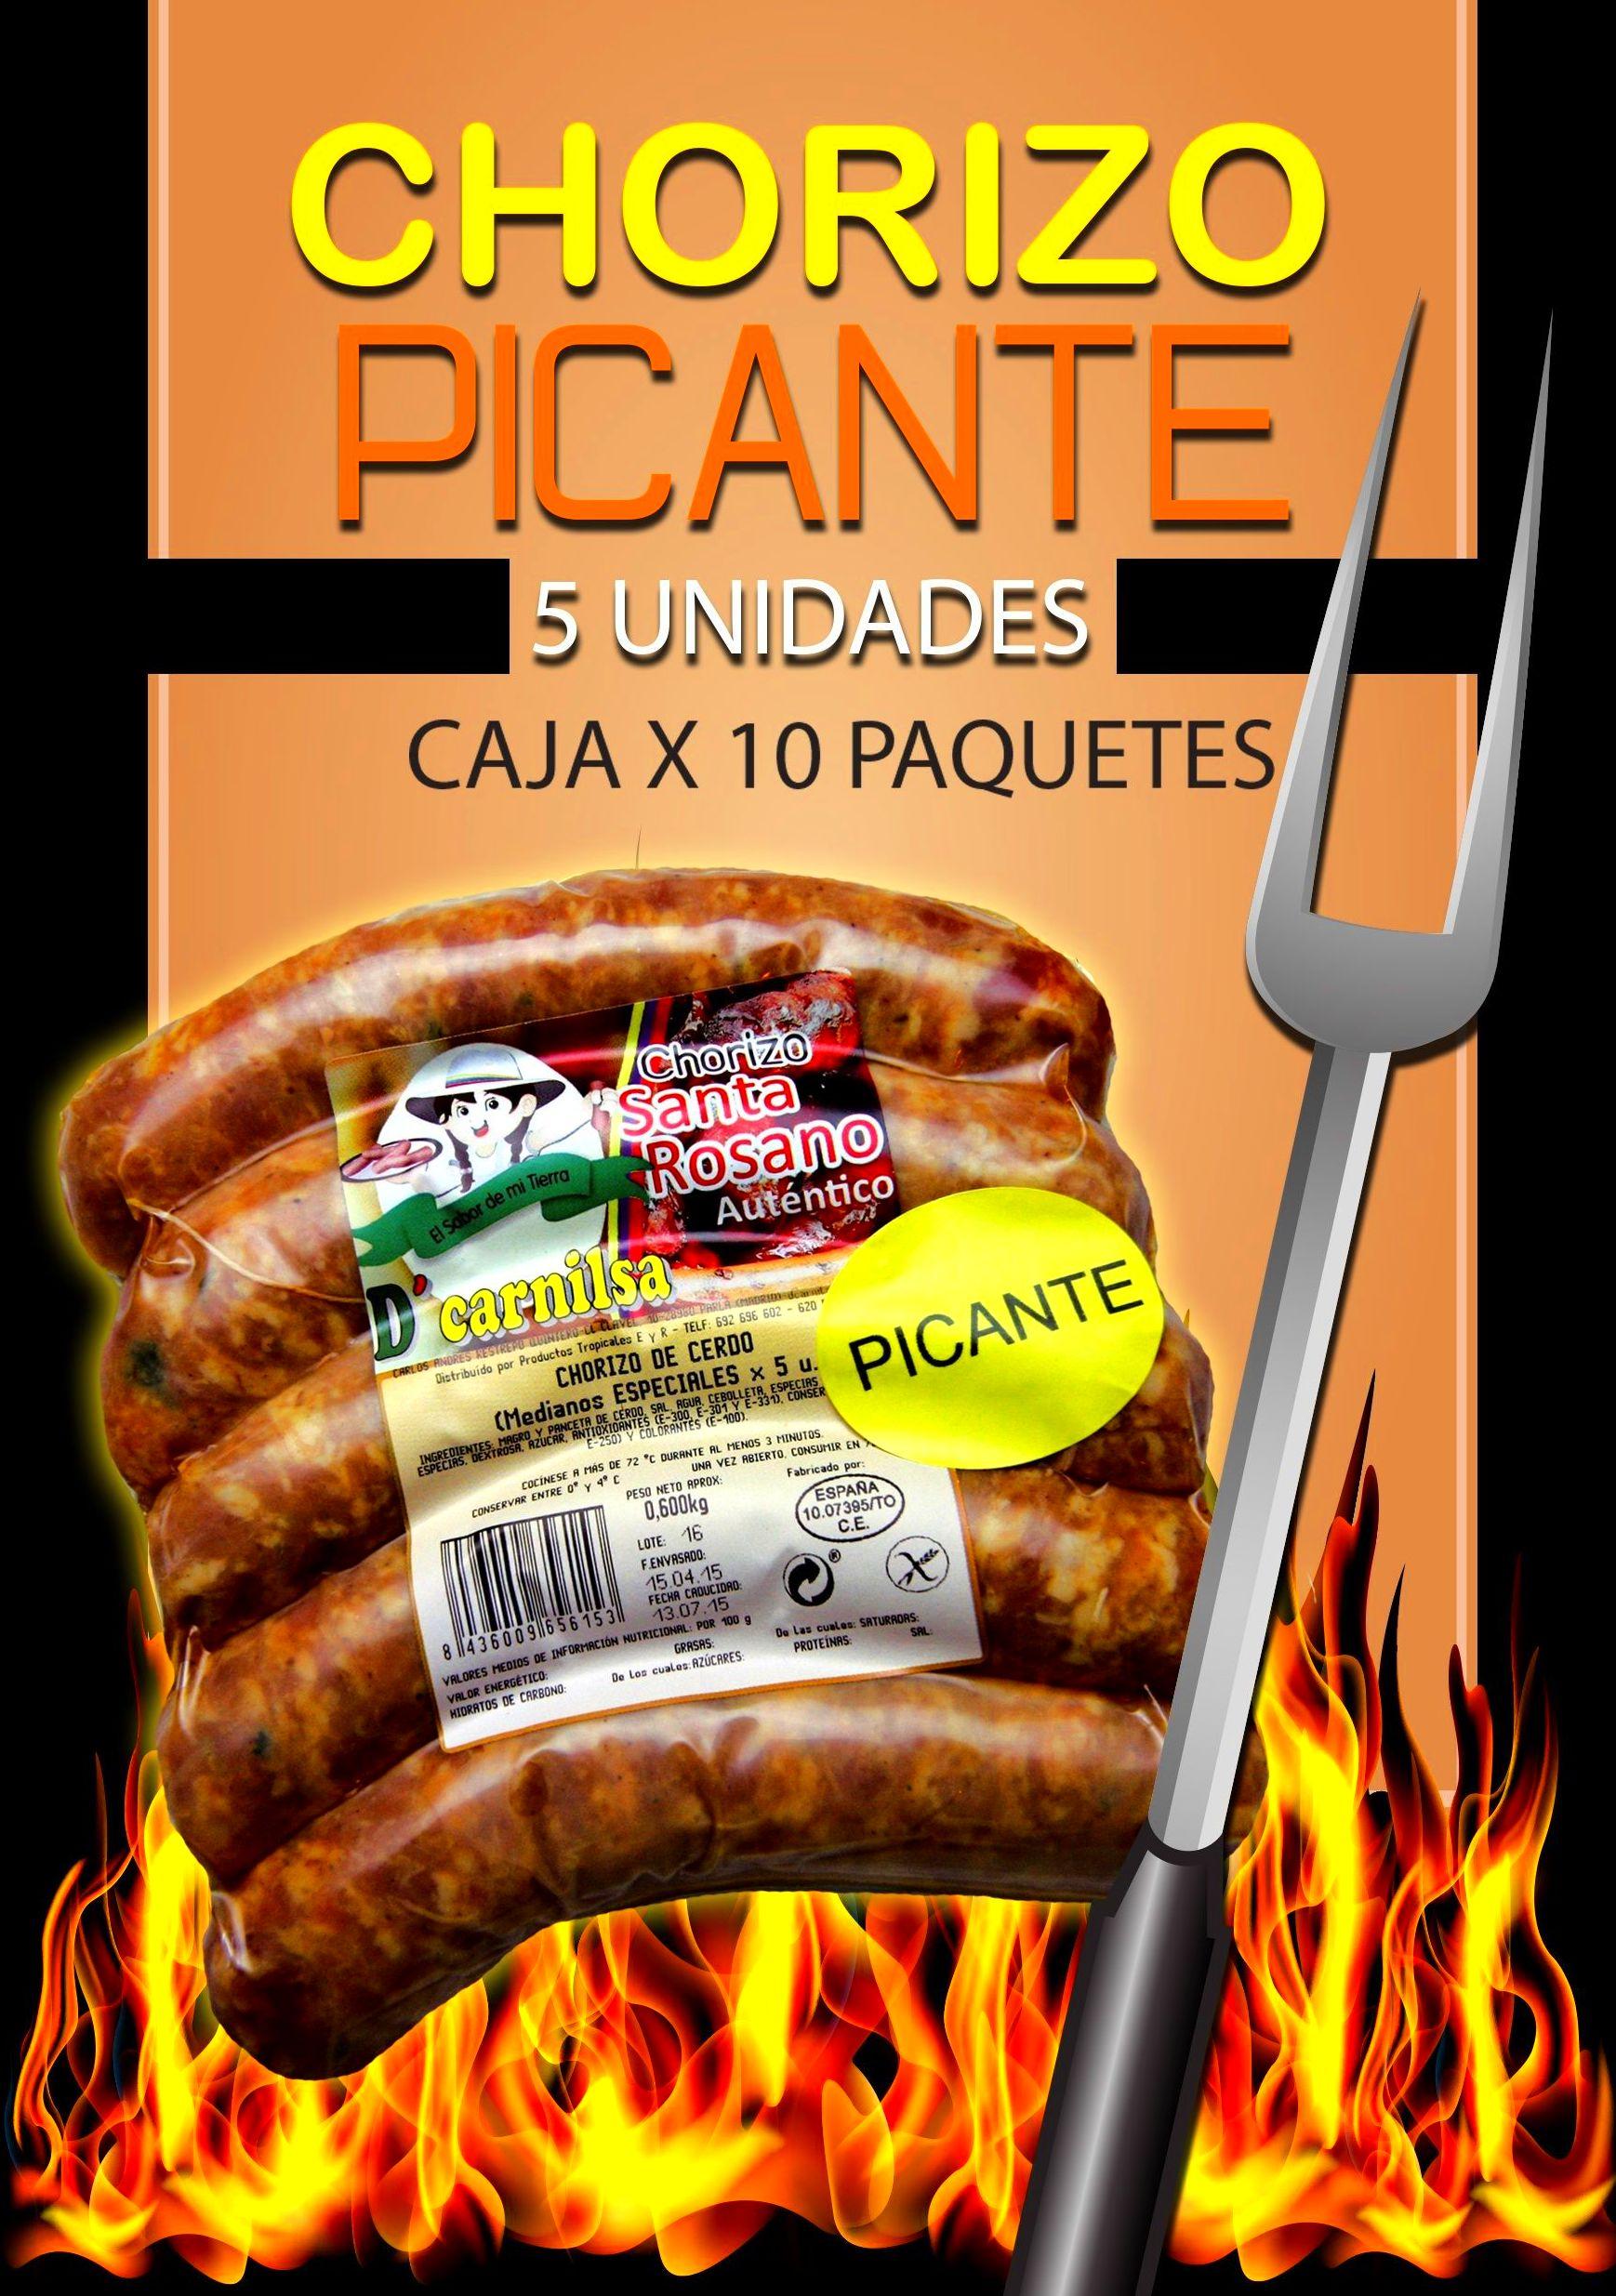 Chorizo picante Santa Rosano: PRODUCTOS de La Cabaña 5 continentes